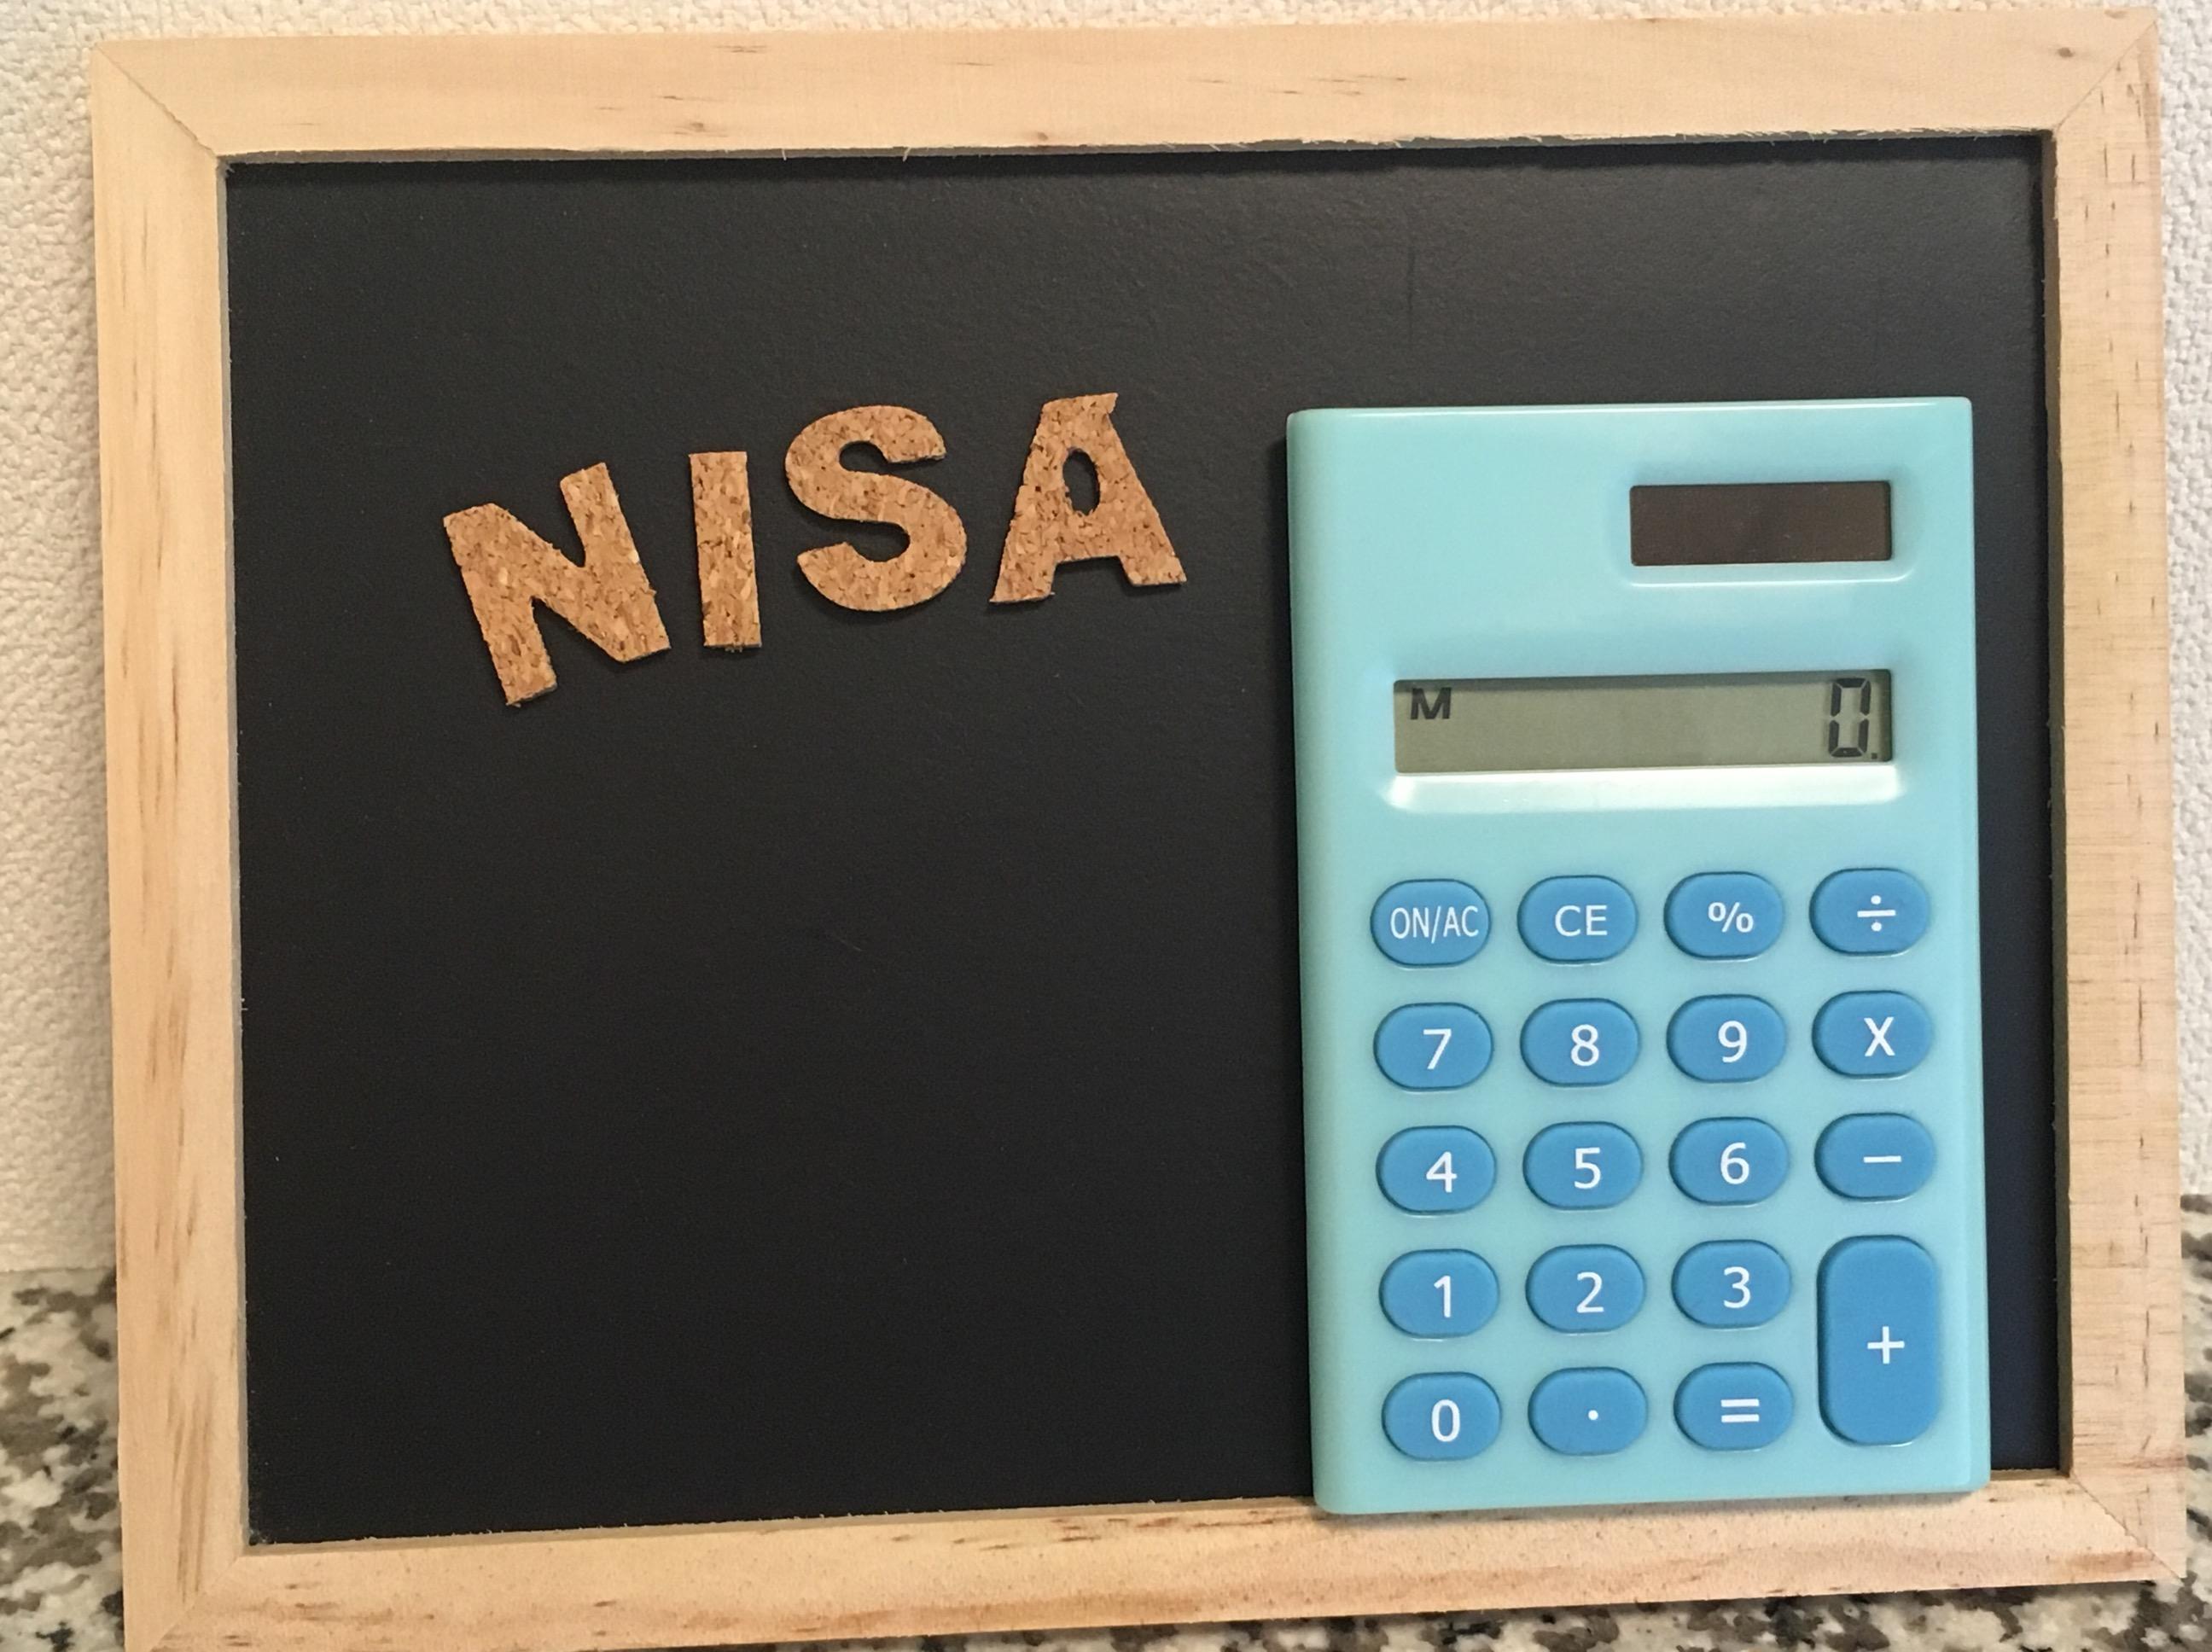 2019年NISA初のロールオーバーで気を付けるポイント